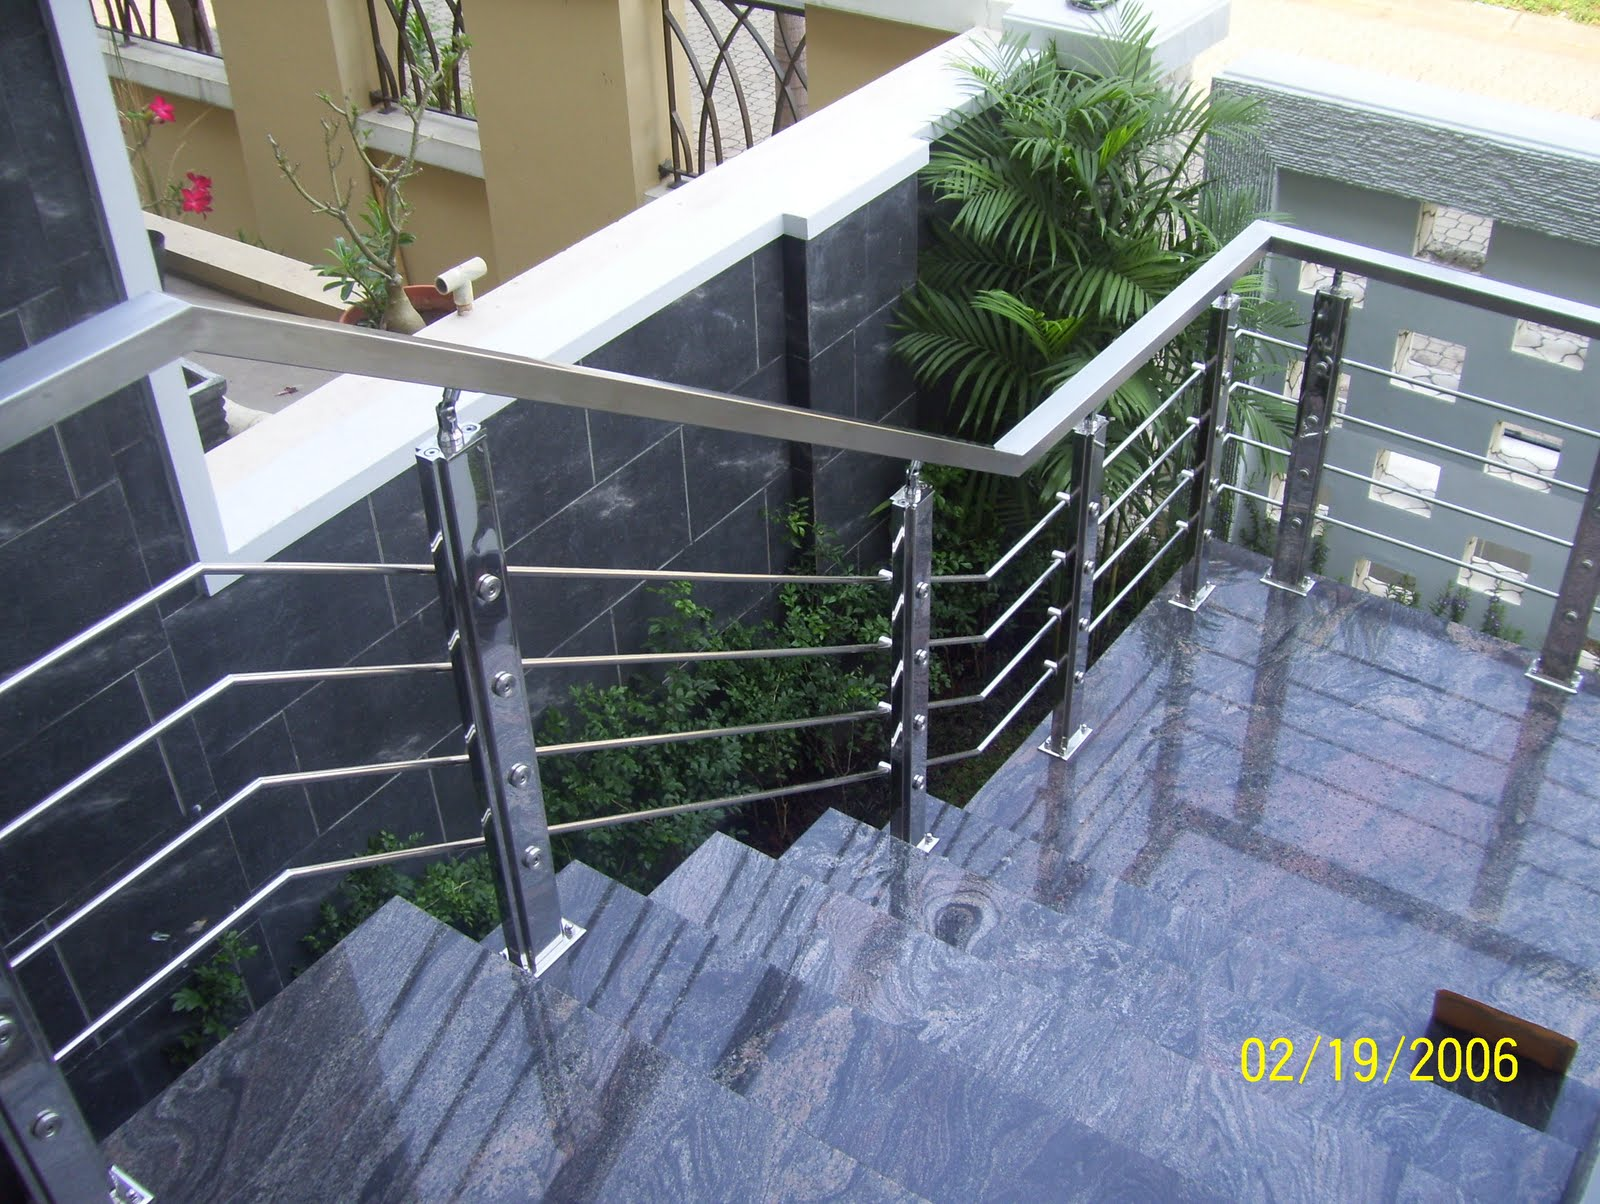 stainless) yang ditempatkan di tangga masuk, teras dan balkon rumah